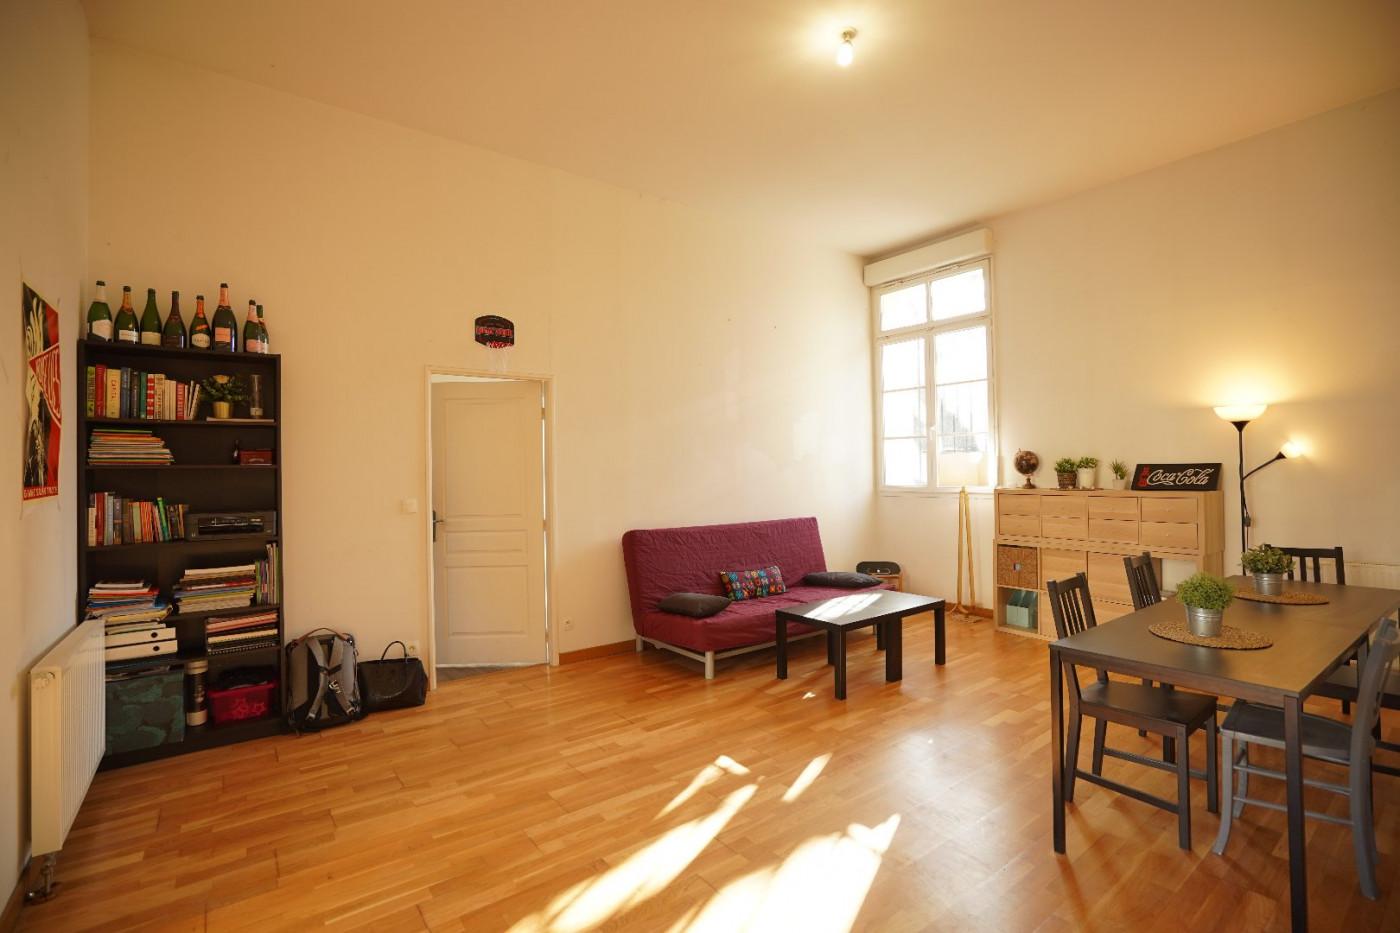 A vendre  Reims | Réf 51001326 - D-ker immo